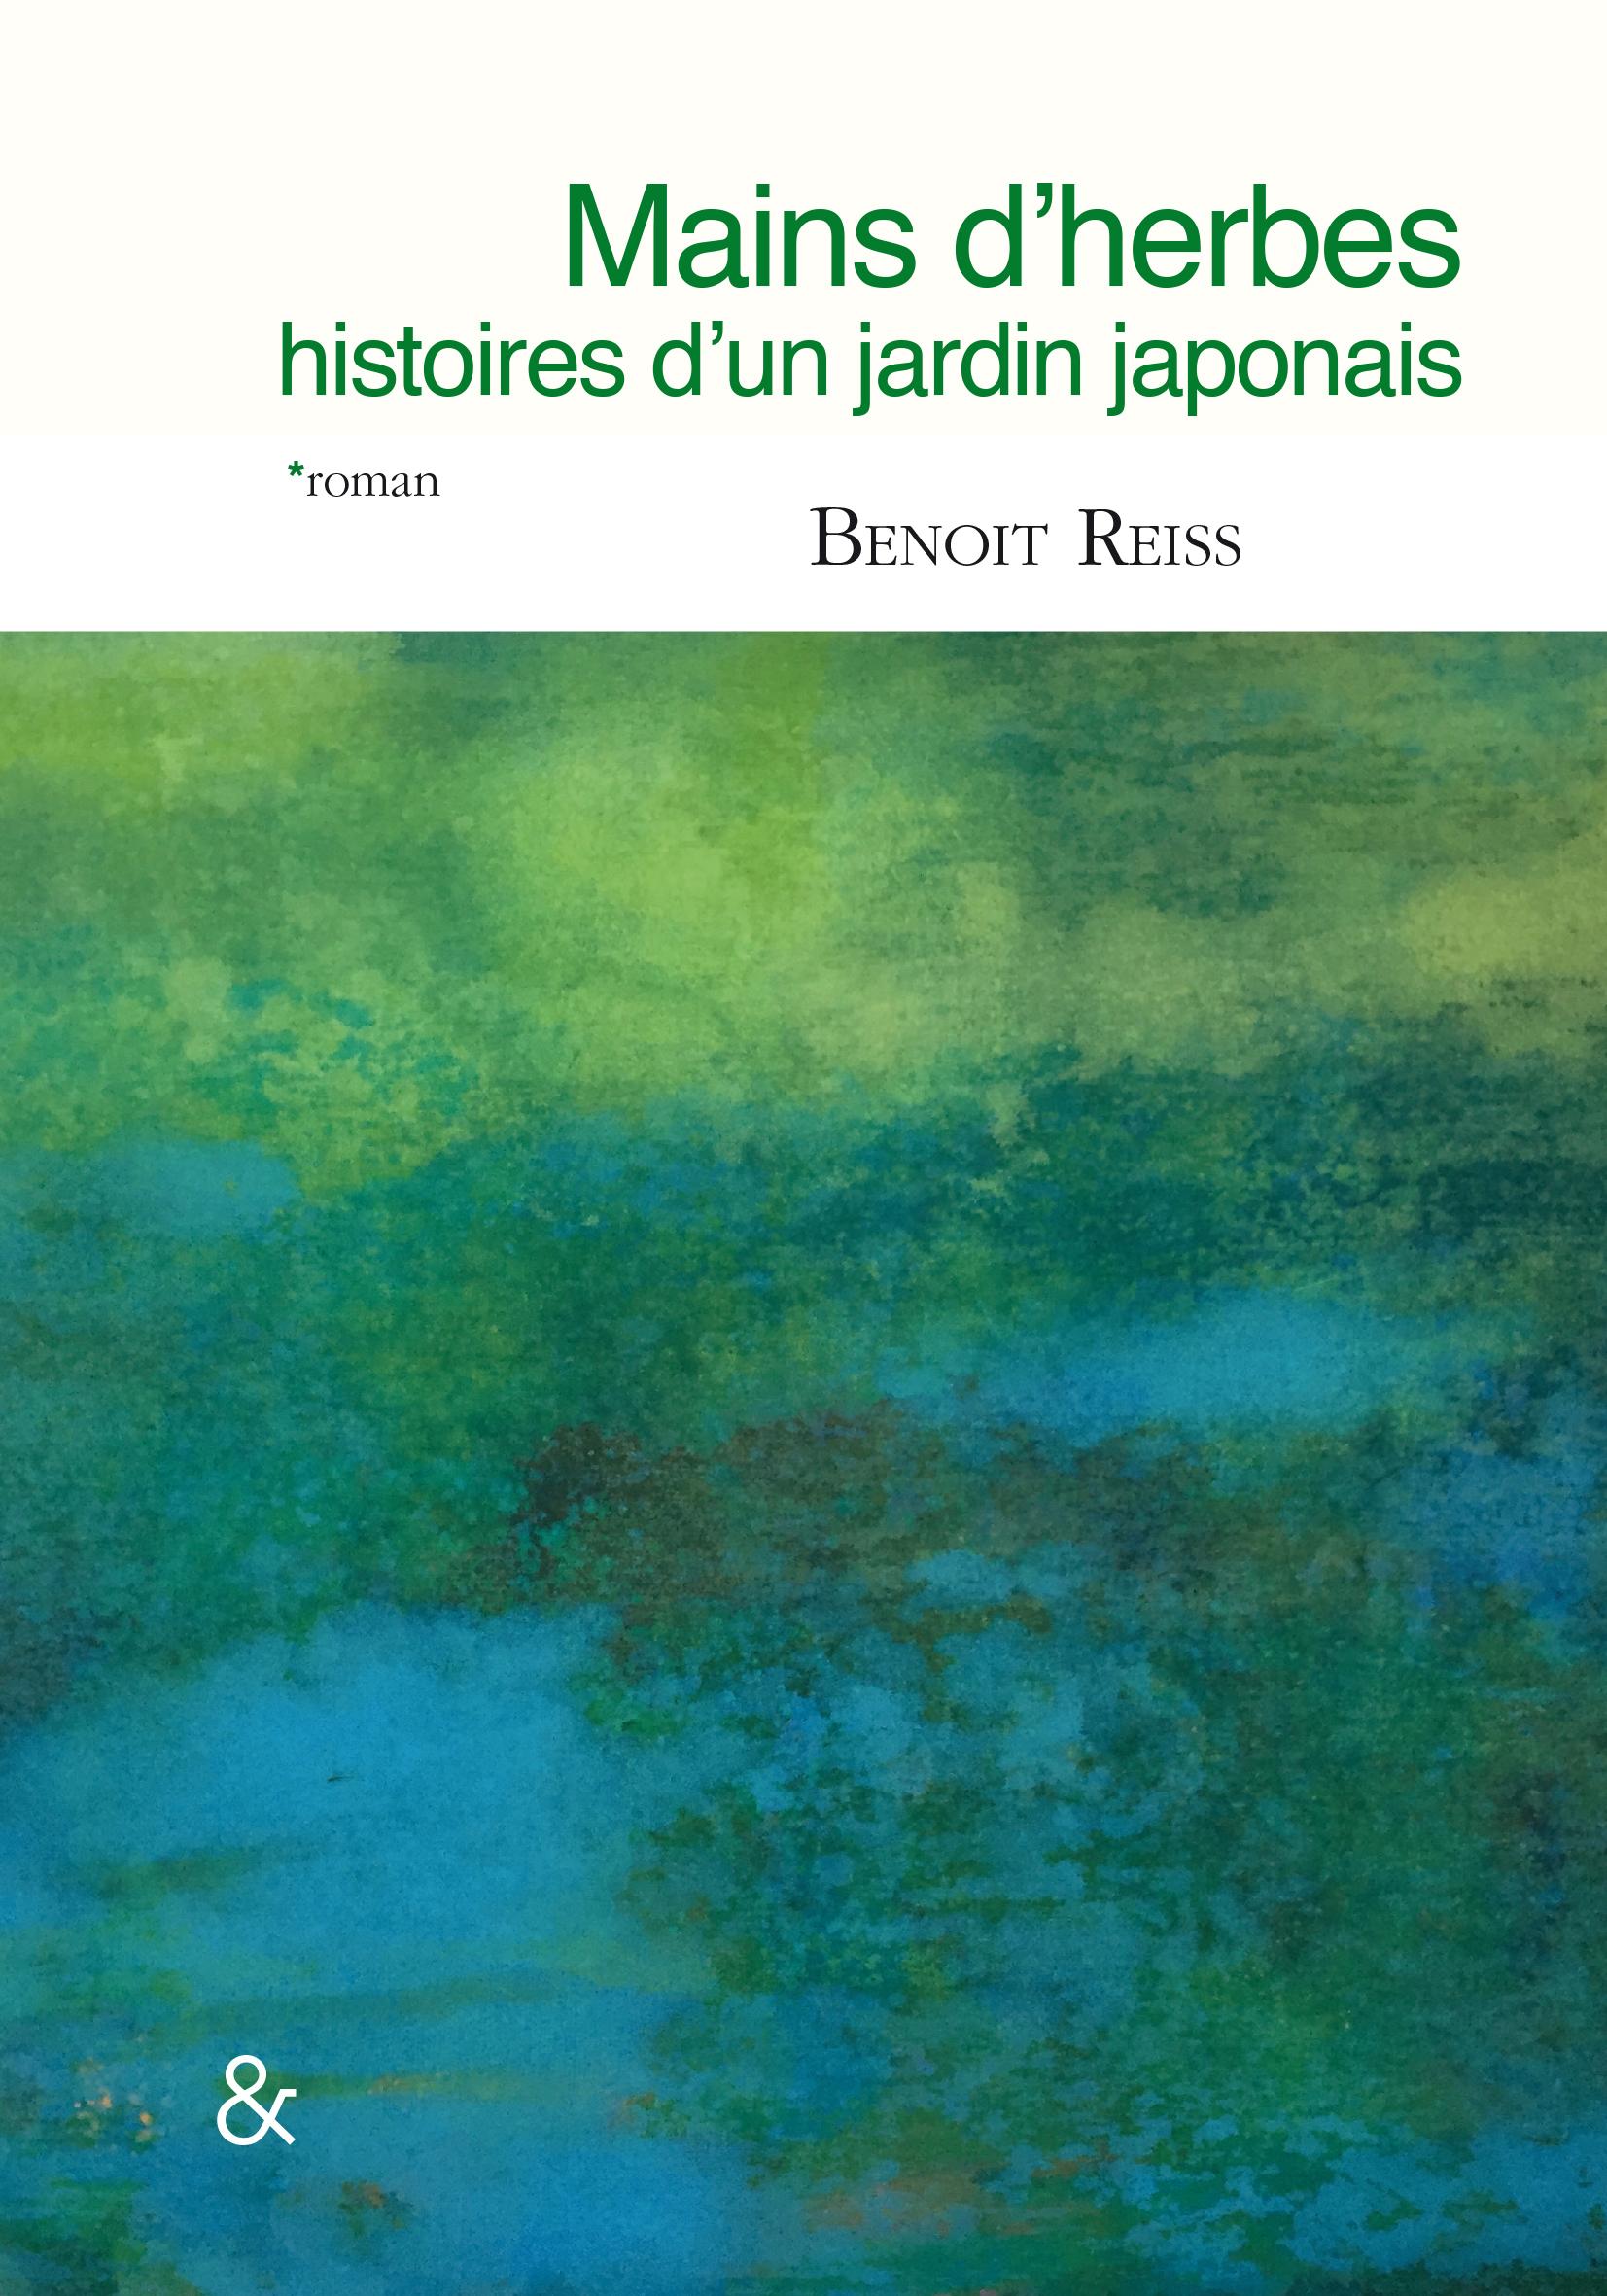 MAINS D'HERBES - HISTOIRES D'UN JARDIN JAPONAIS